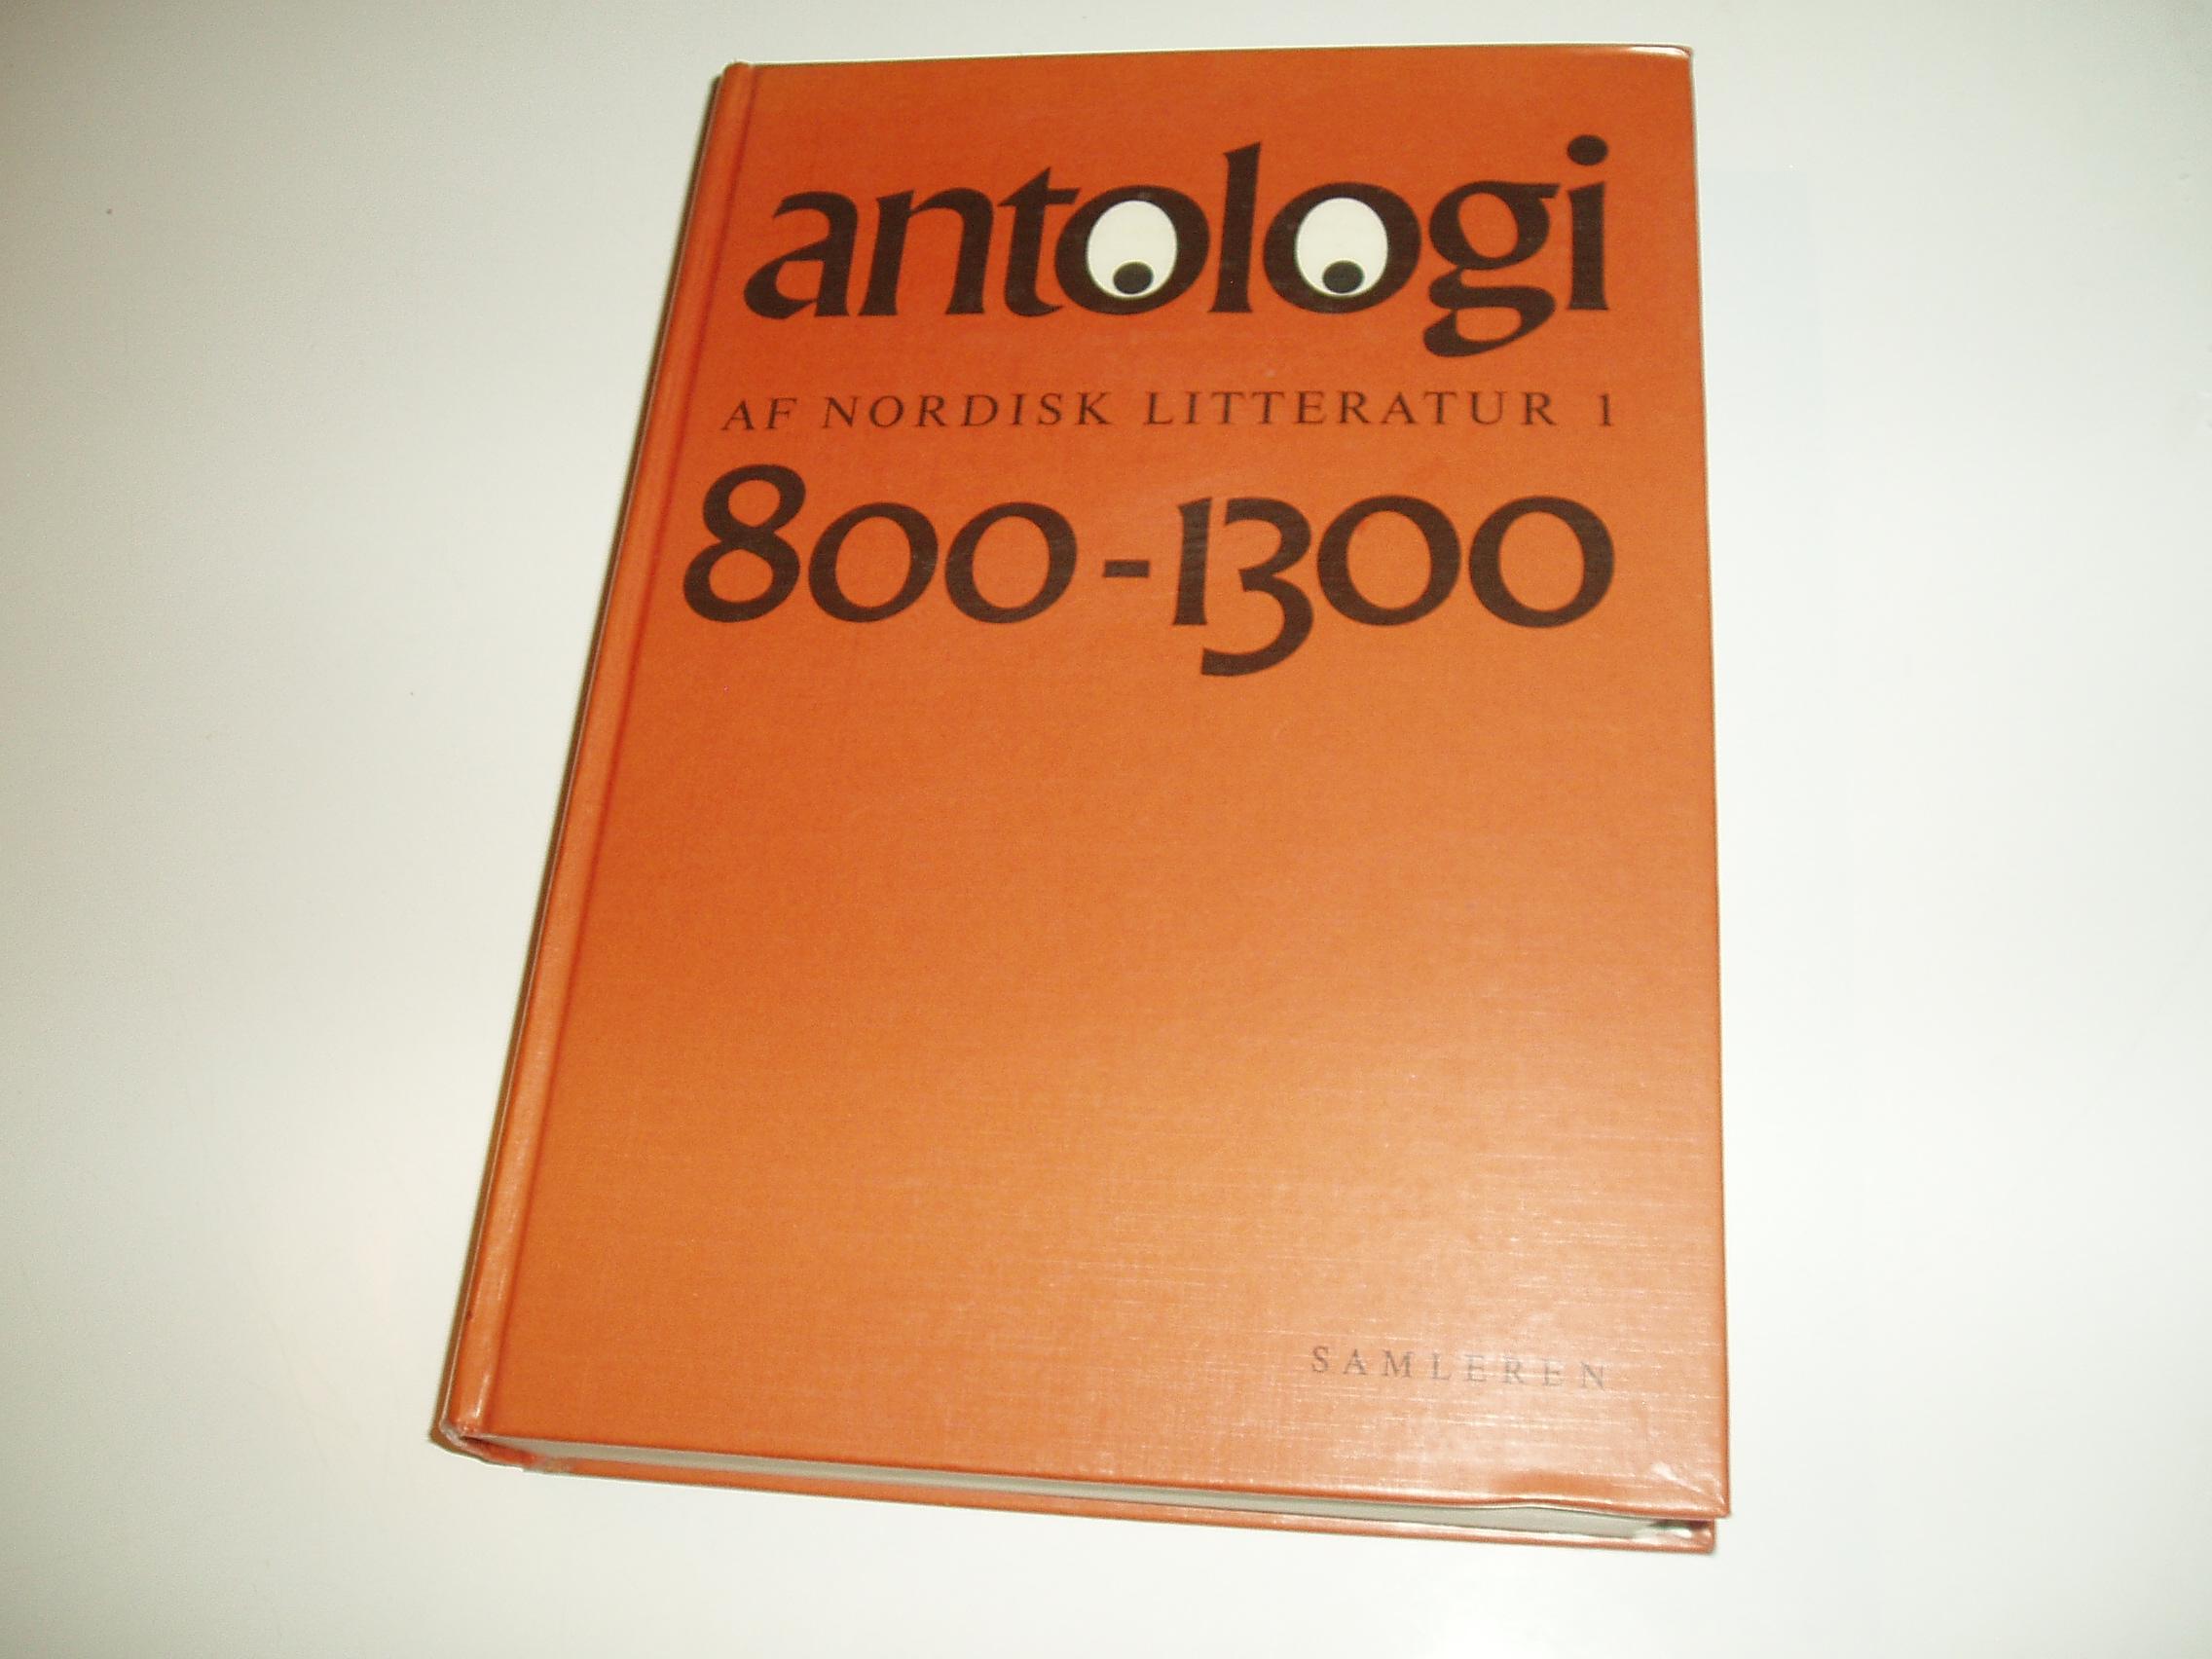 Antologi af nordisk litteratur, bind 1. Perioden 800-1300